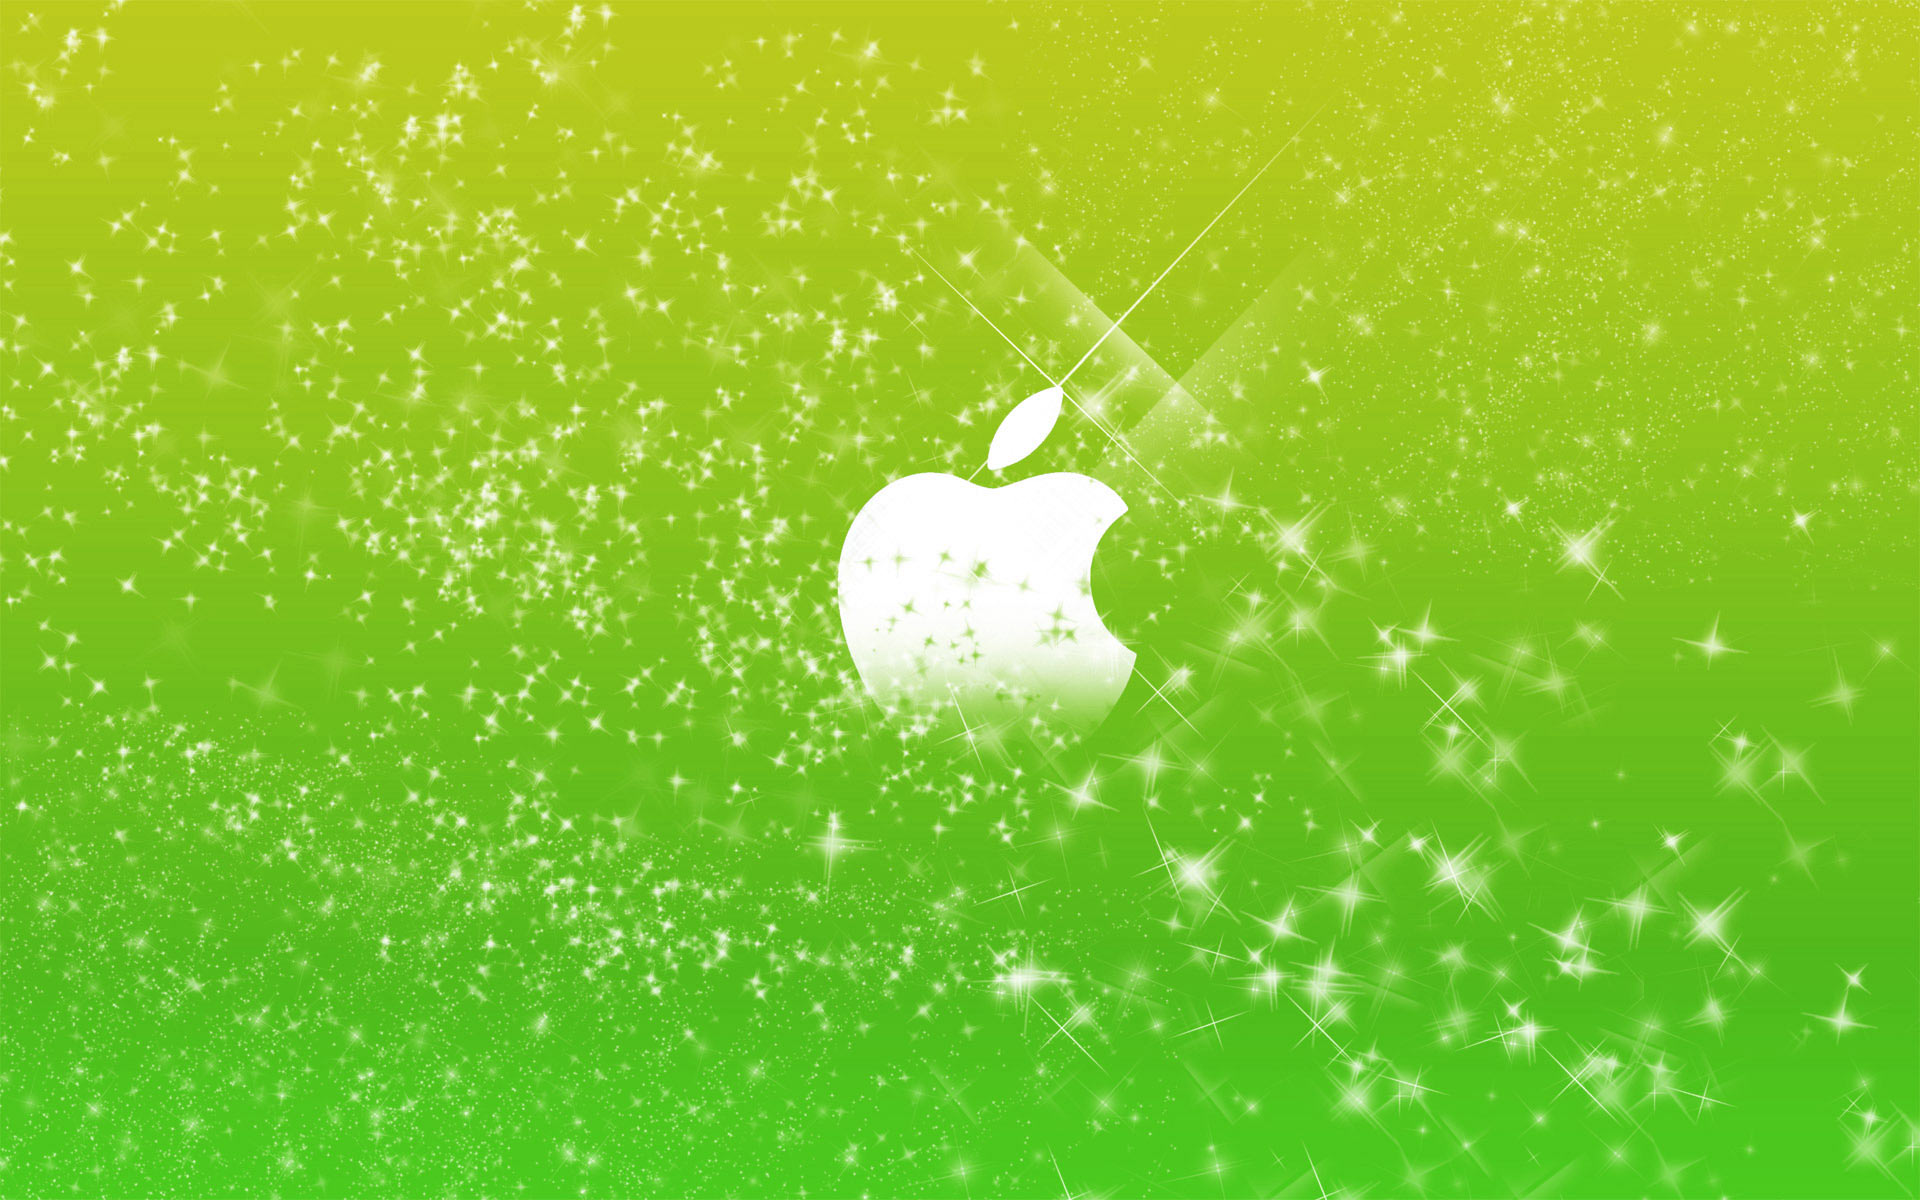 Green Desktop Wallpapers